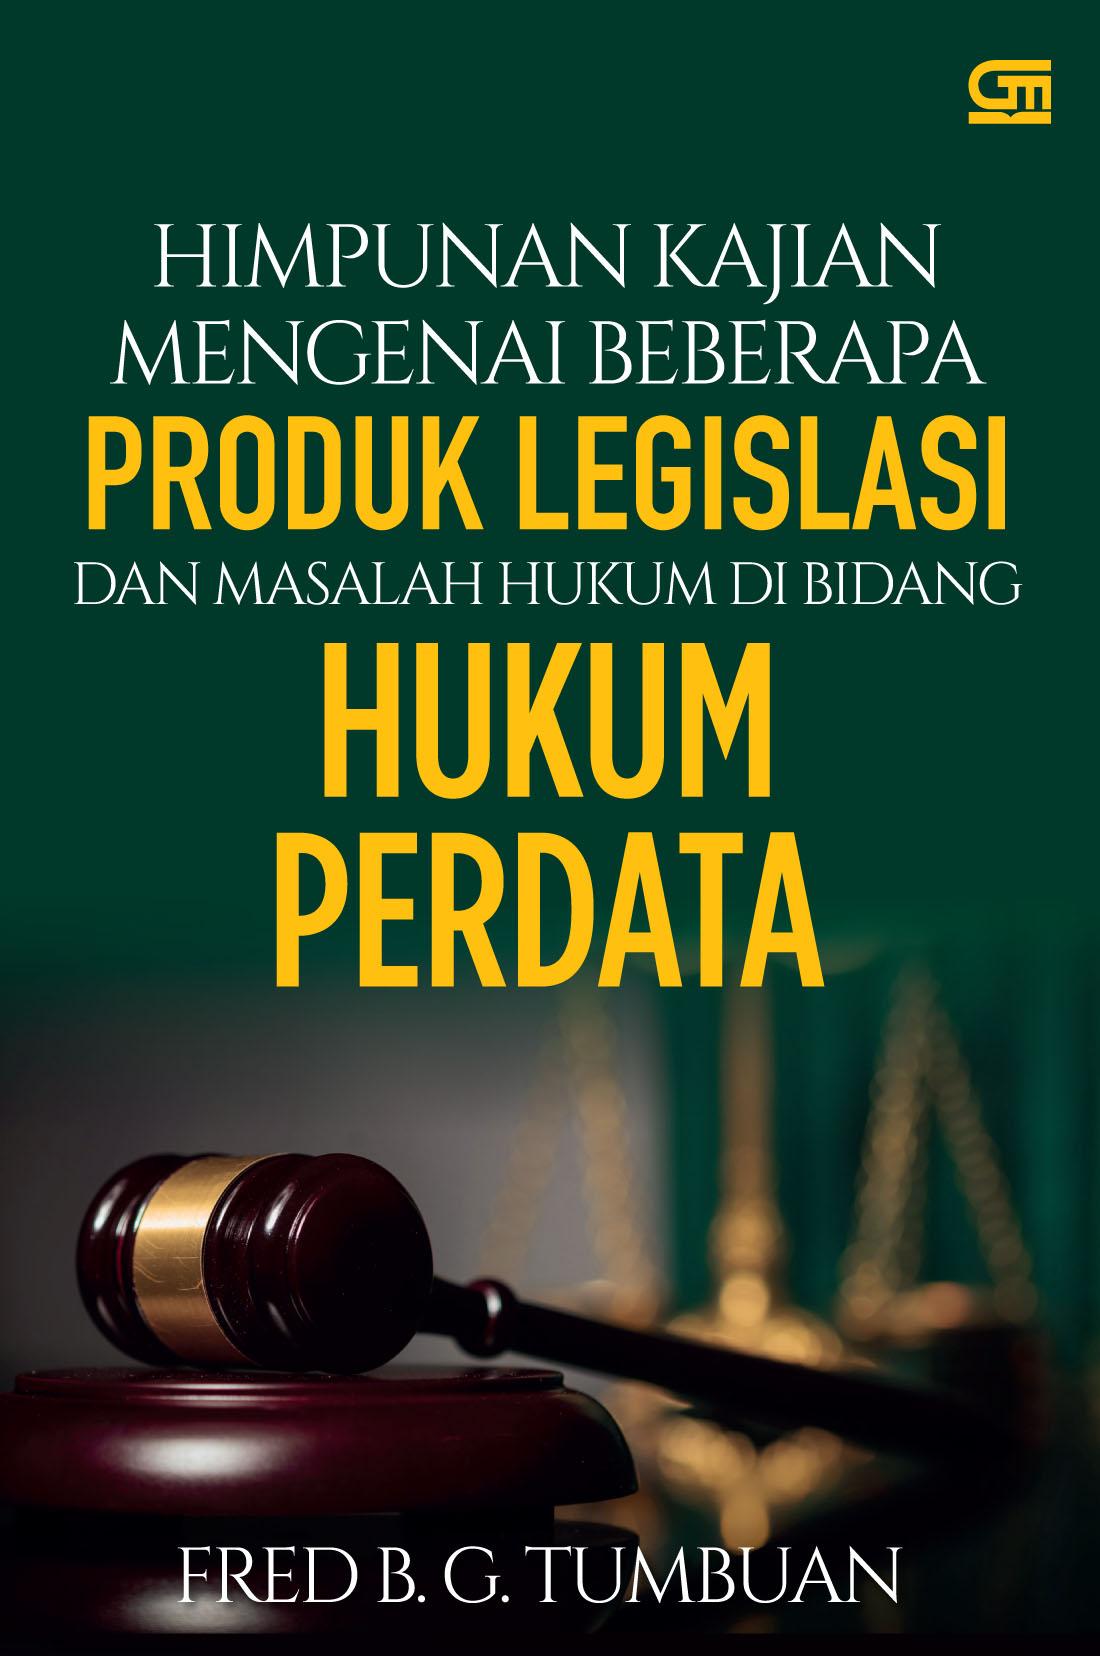 Himpunan Kajian Mengenai Beberapa Produk Legislasi dan Masalah Hukum di Bidang Hukum Perdata